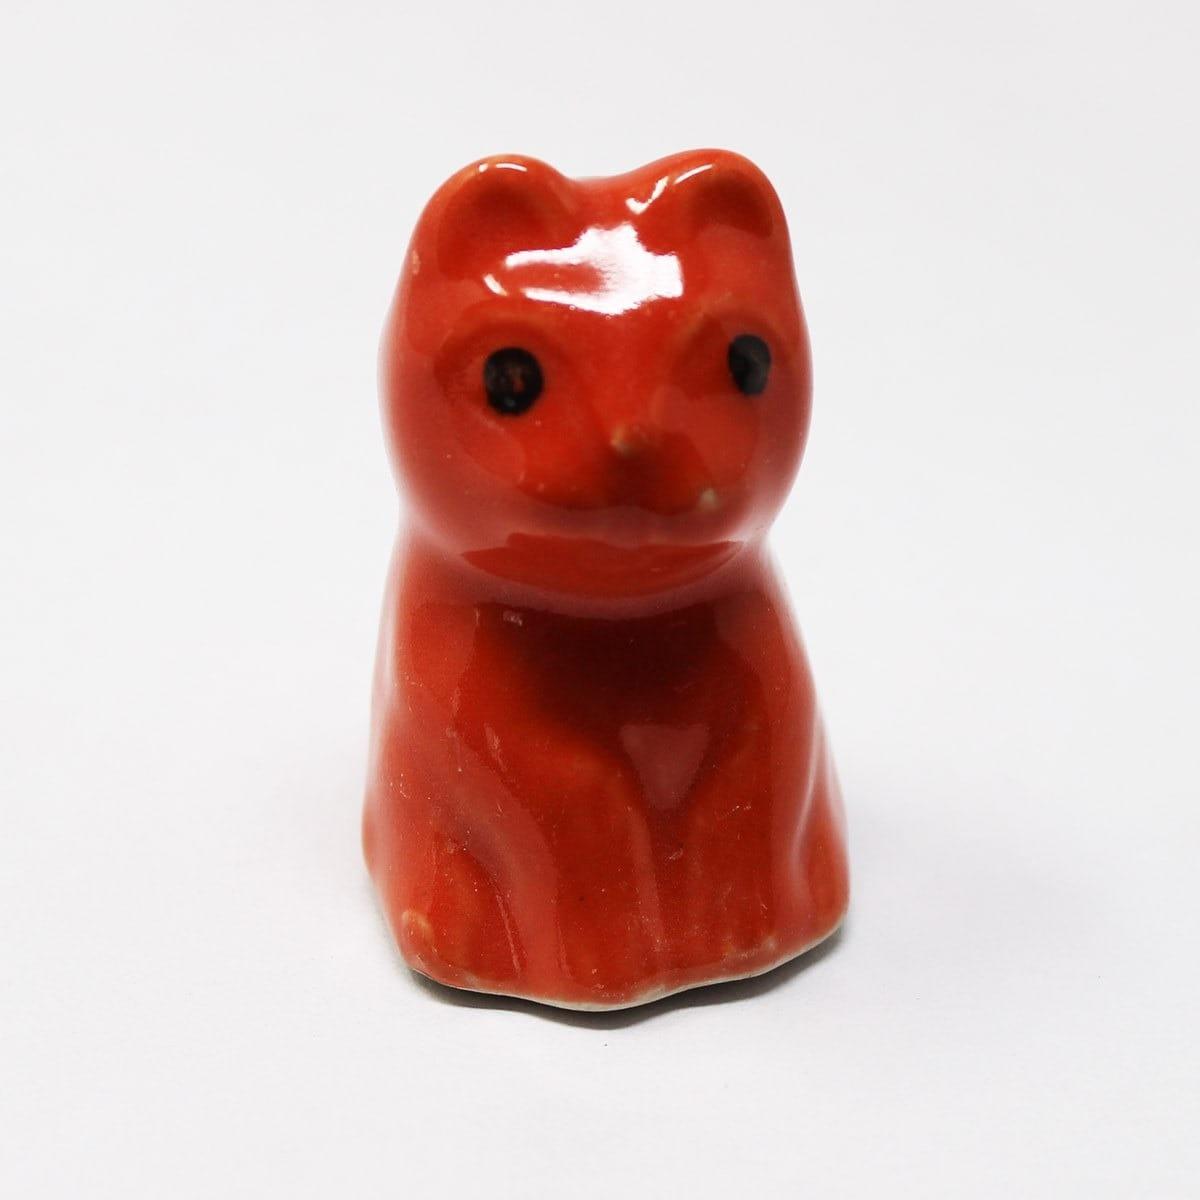 Miniature Ceramic Cat Red